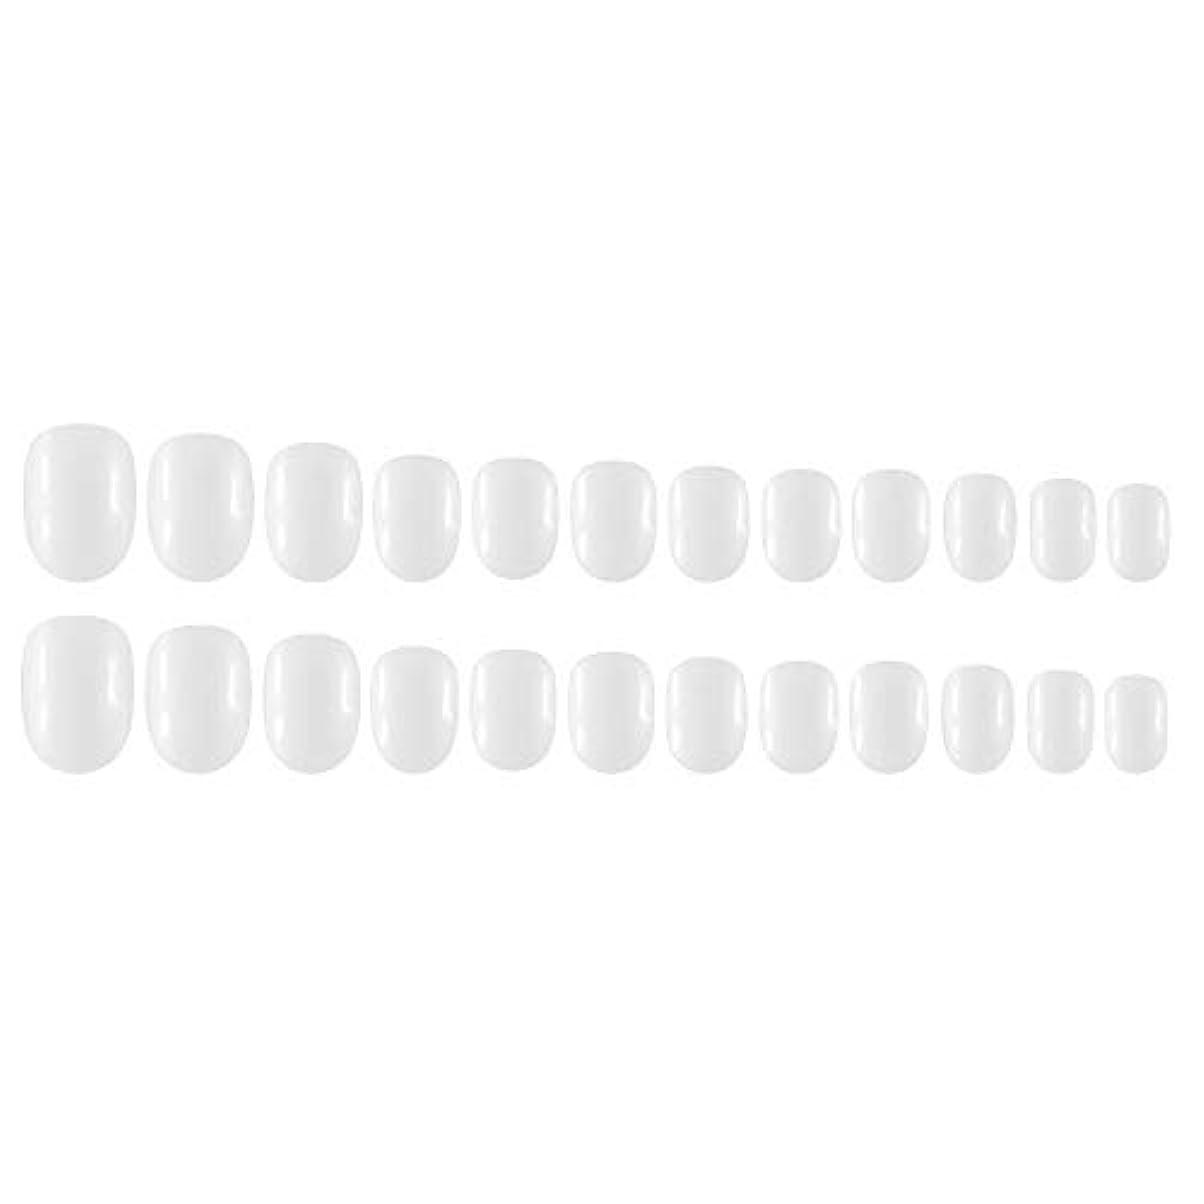 器具ビームDecdeal Decdeal ネイルチップ 24ピース 12異なるサイズ diy サロン ネイルアートツール 偽